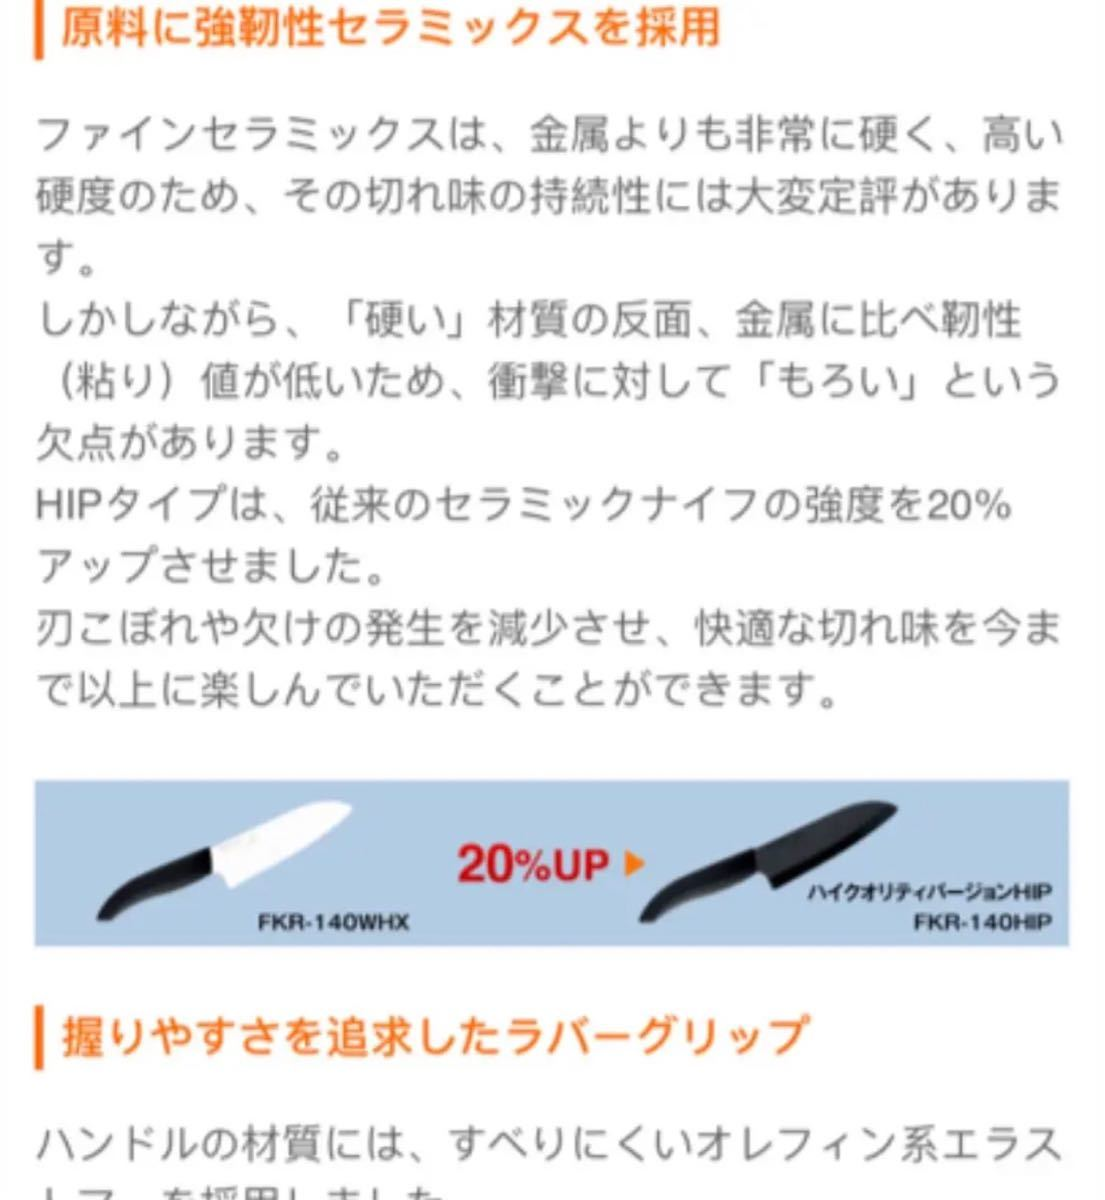 京セラ 包丁ナイフ FKR-150HIP-FPと9.5cmナイフ2本セット